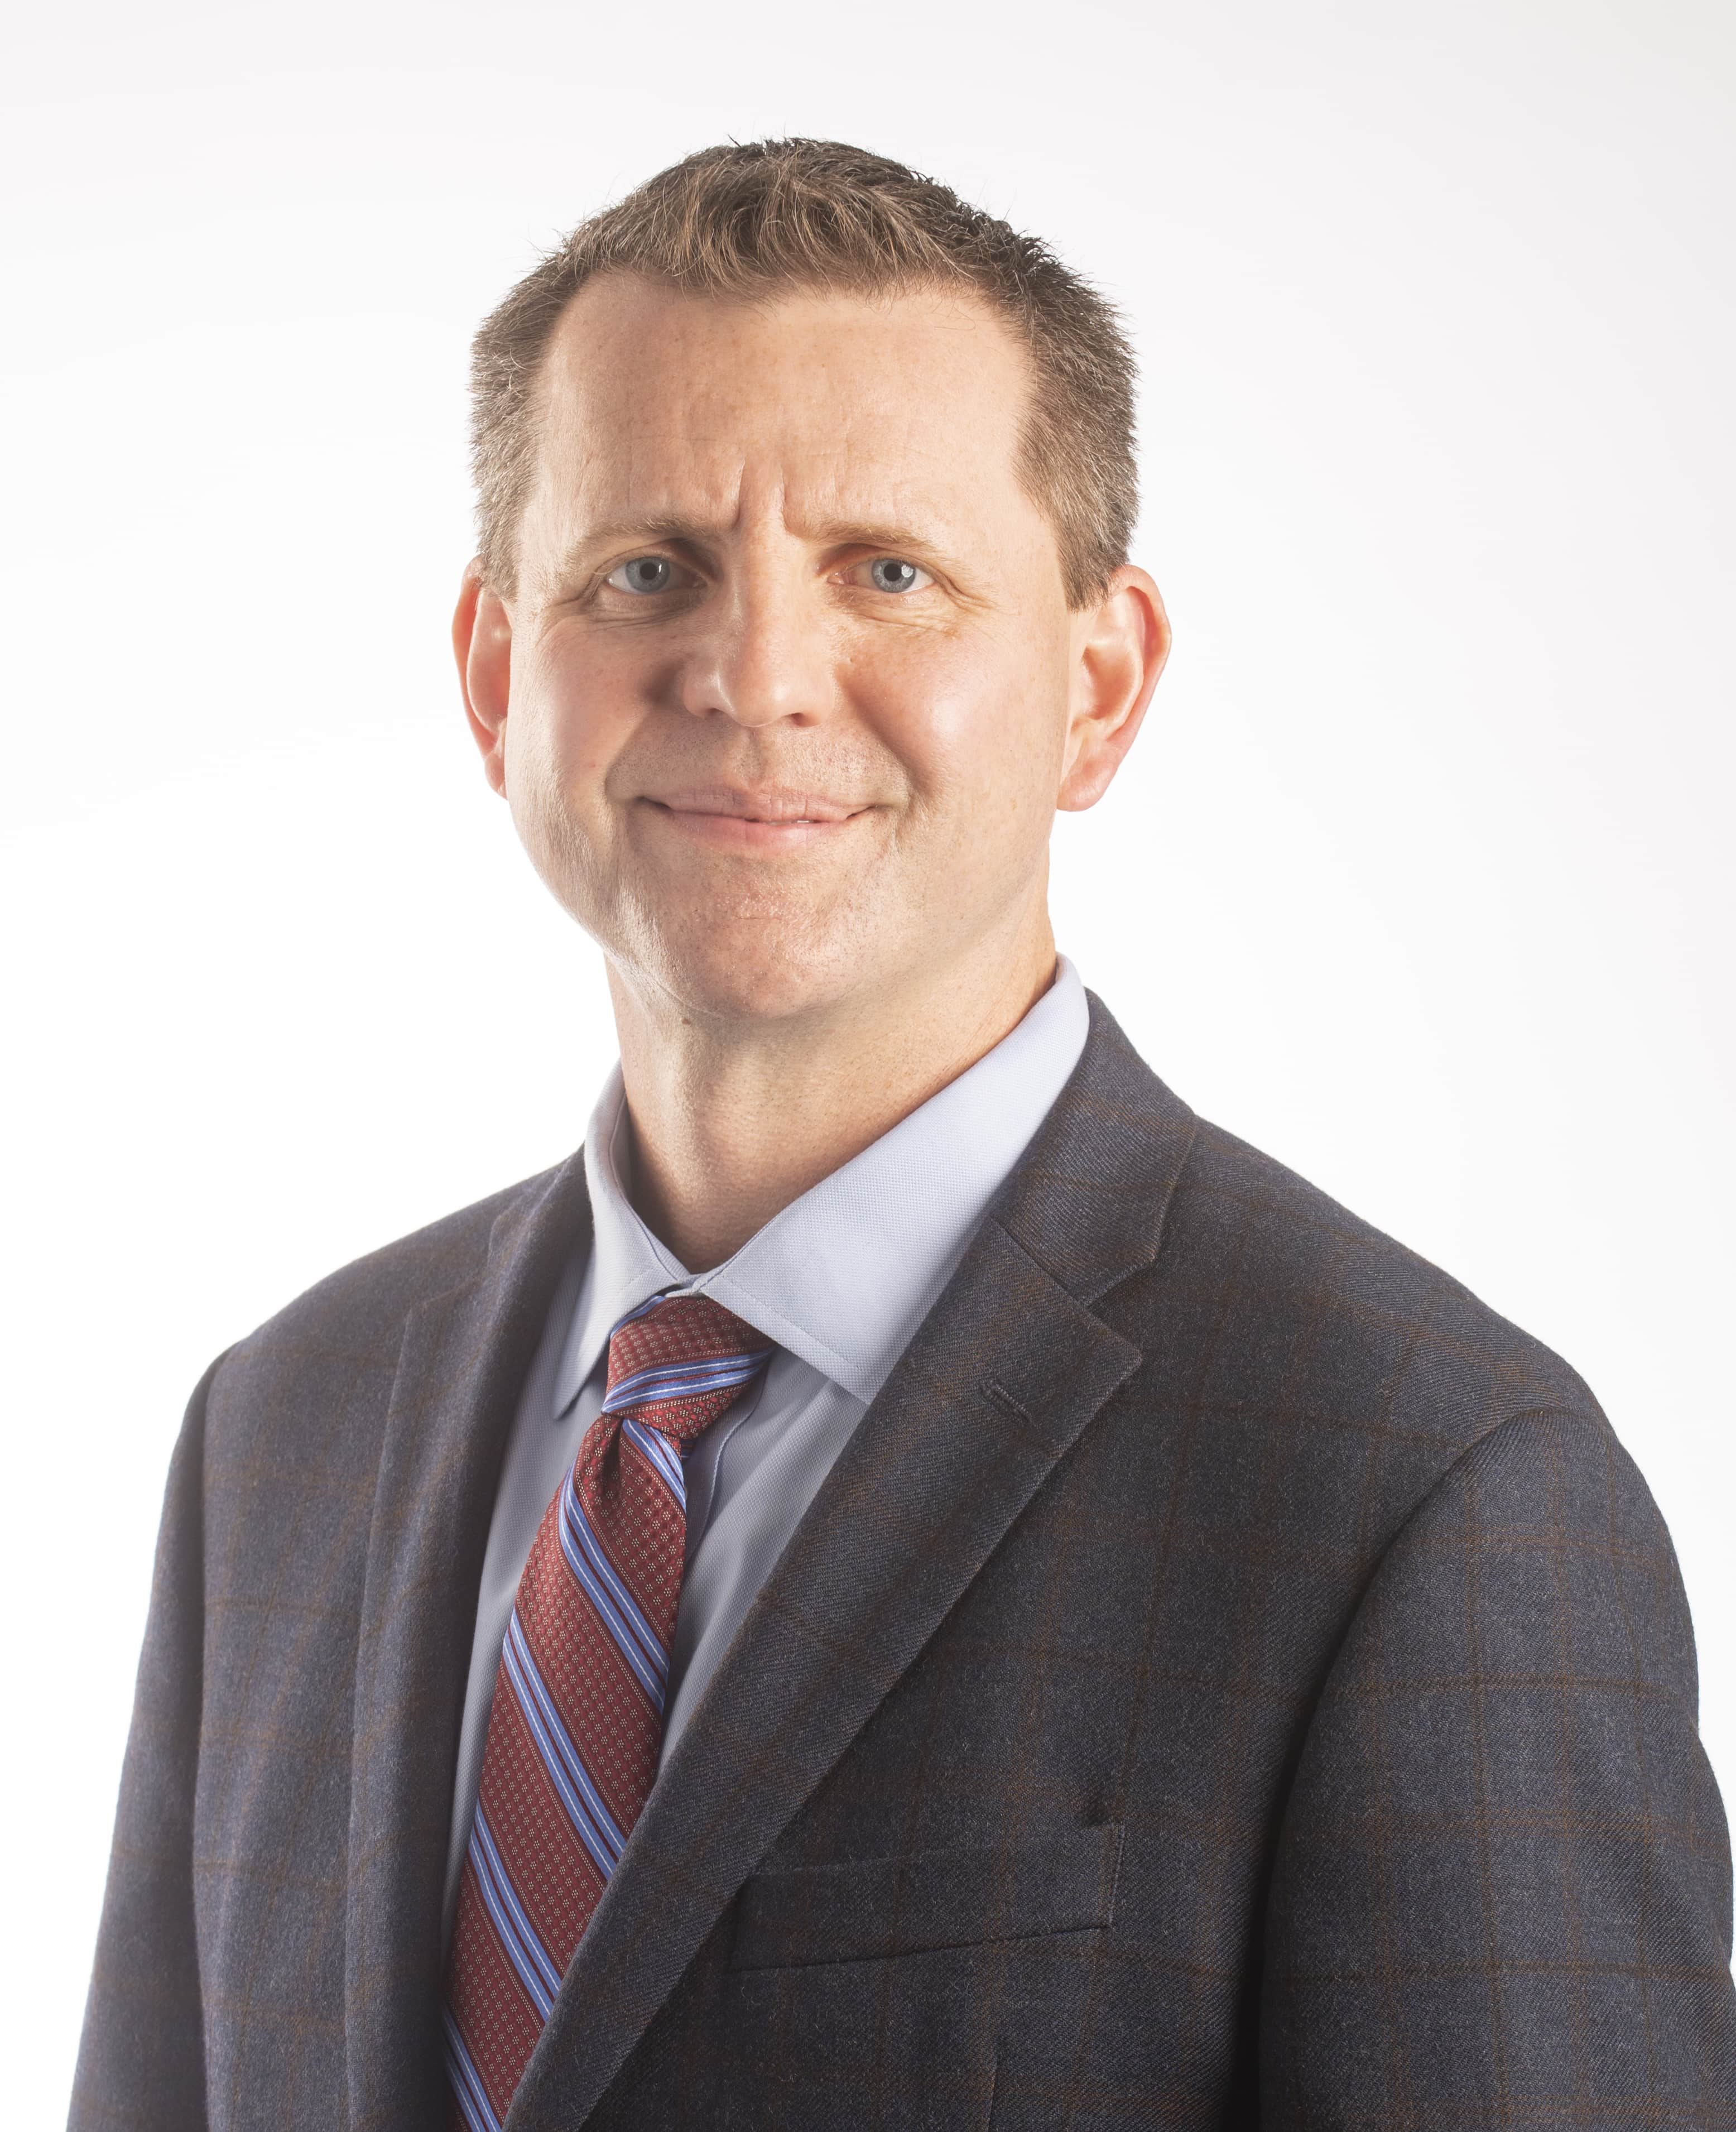 Alan J. Tackett, Ph.D.